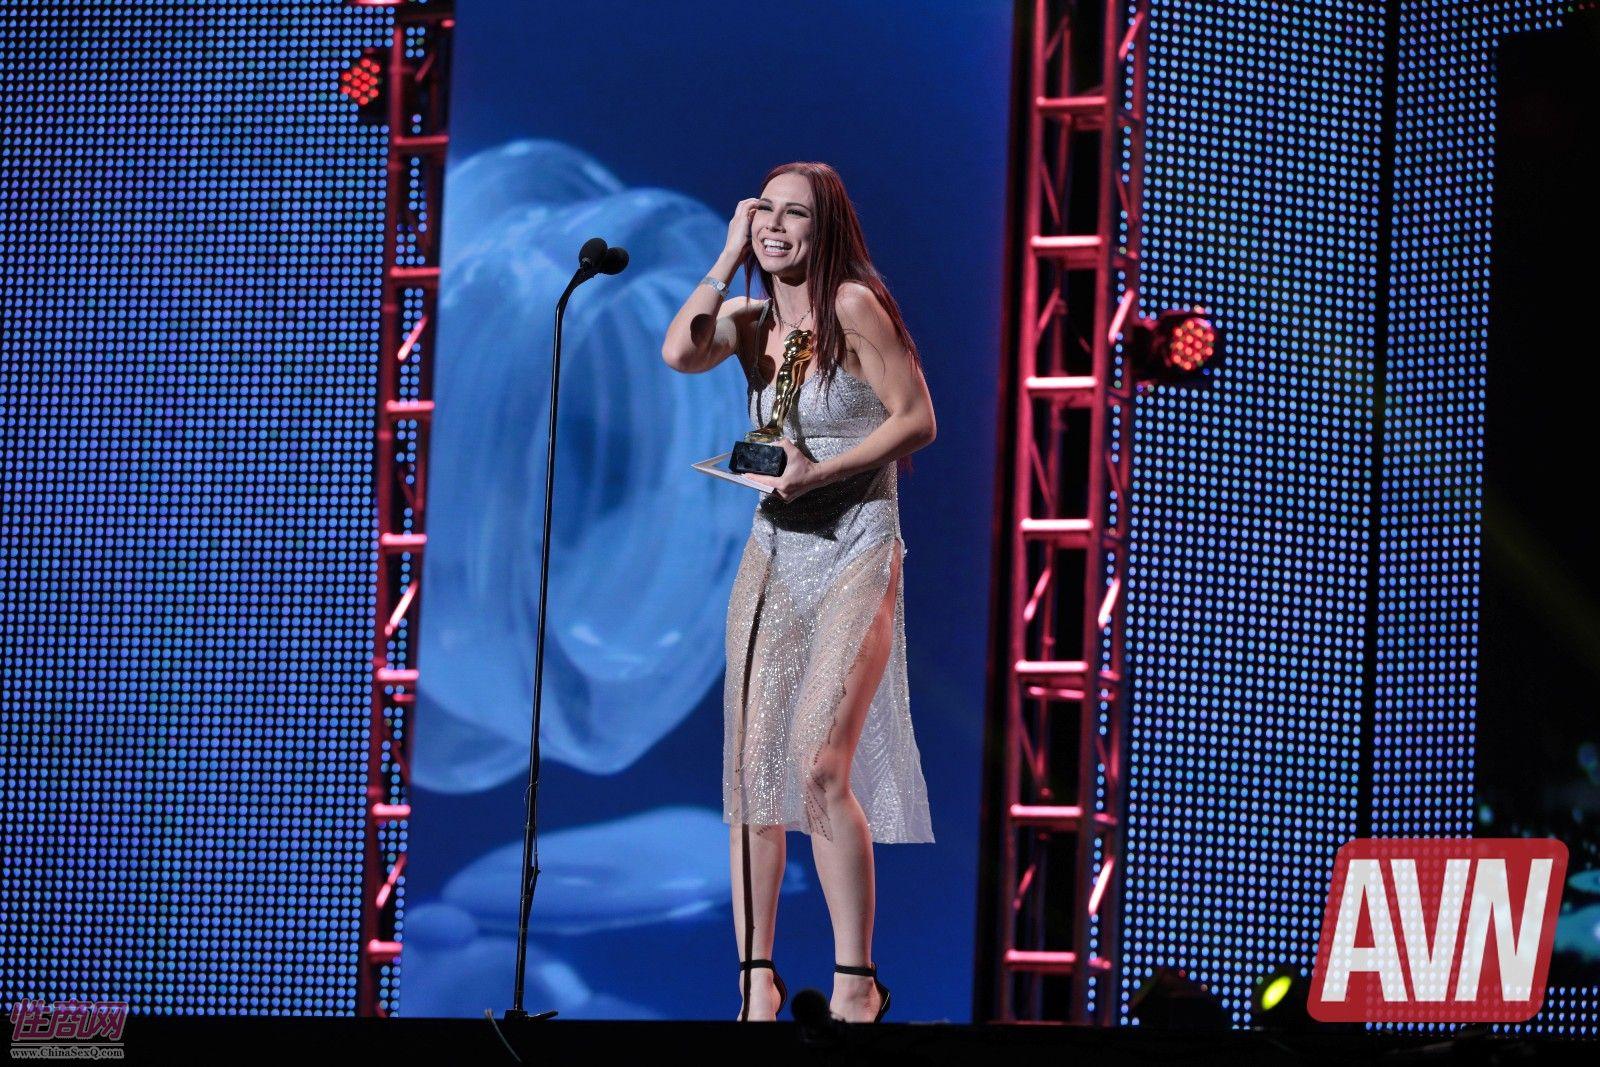 18拉斯维加斯成人展AVN:颁奖典礼 (43)